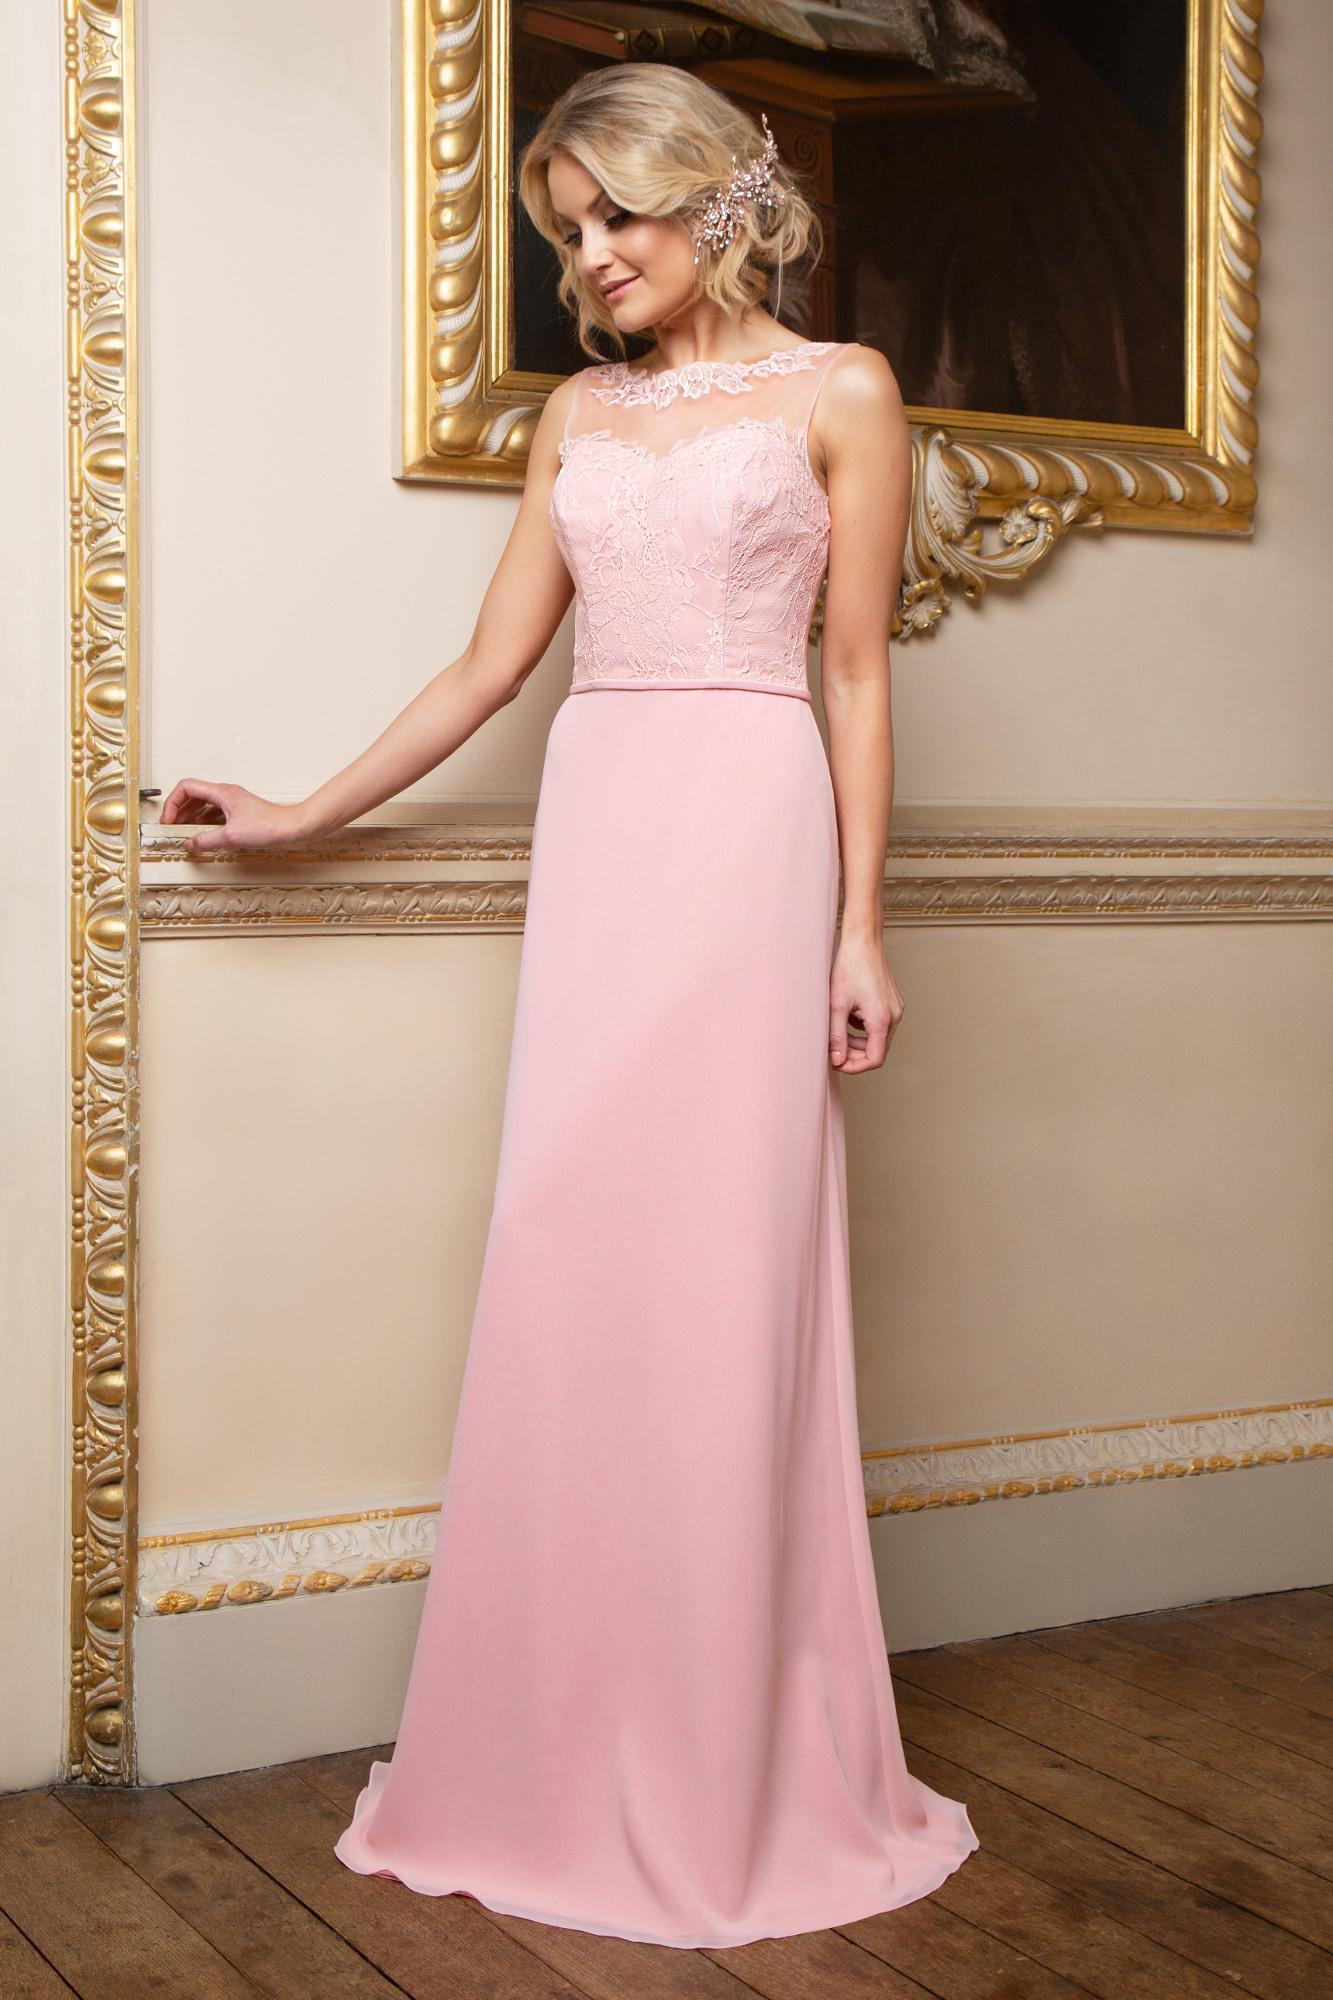 Formal Ausgezeichnet Abend Kleid Lang Vertrieb10 Genial Abend Kleid Lang Design